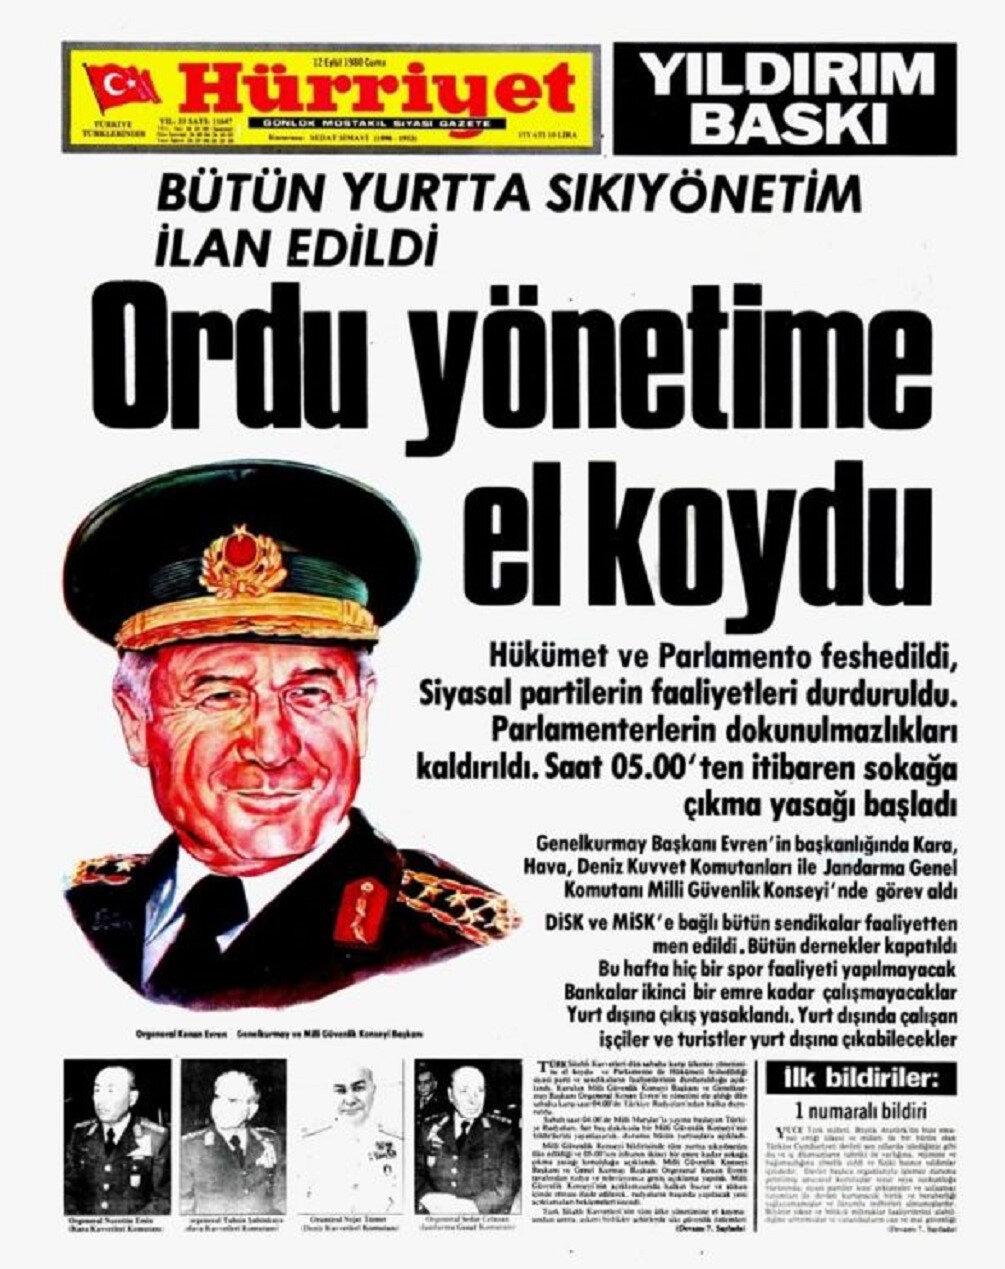 12 Eylül 1980 darbesi sabahı Hürriyet Gazetesinin manşeti.